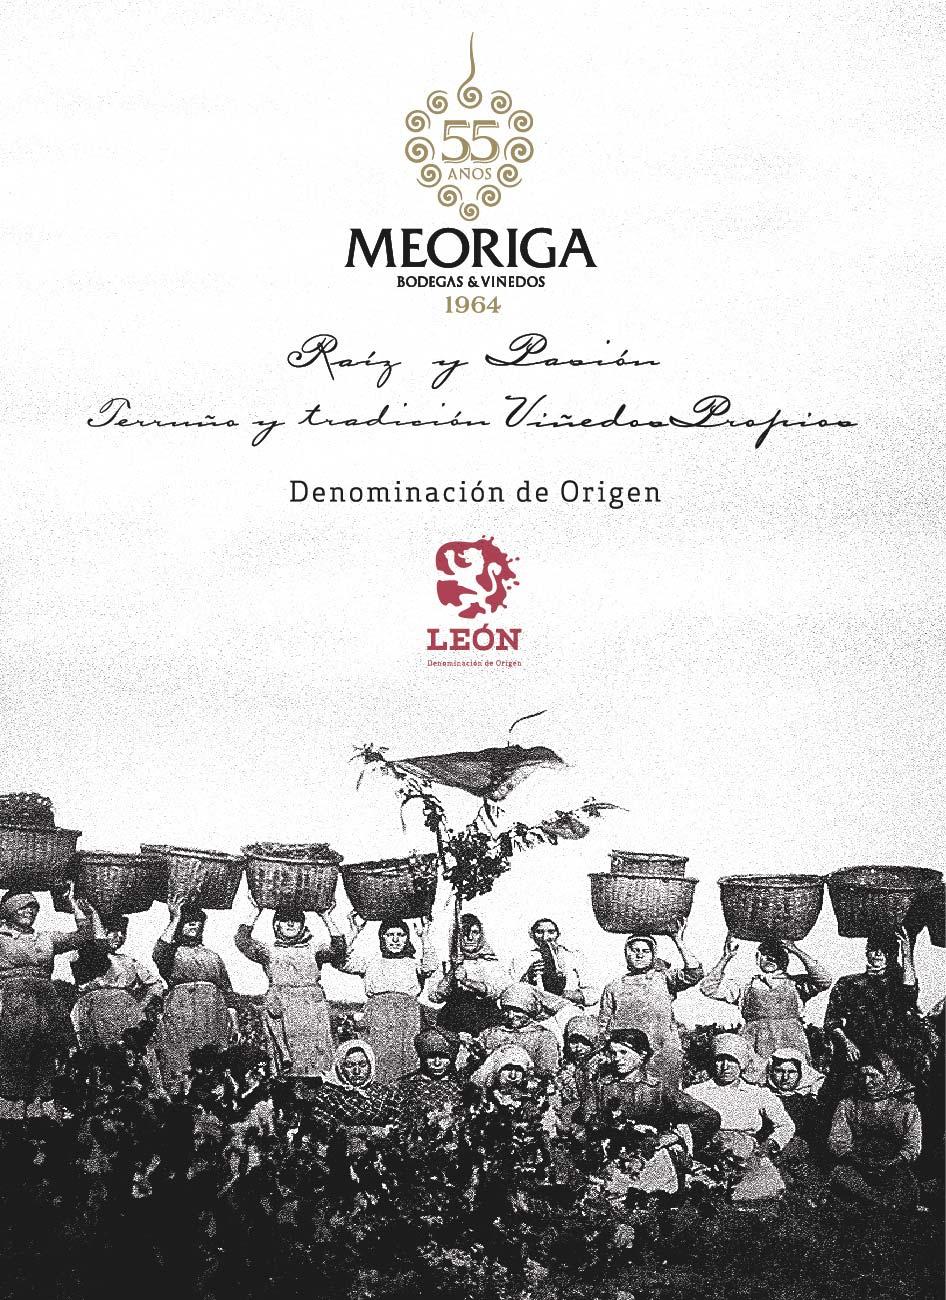 meoriga_vinedos_denomiacion_de_origen_leon_03